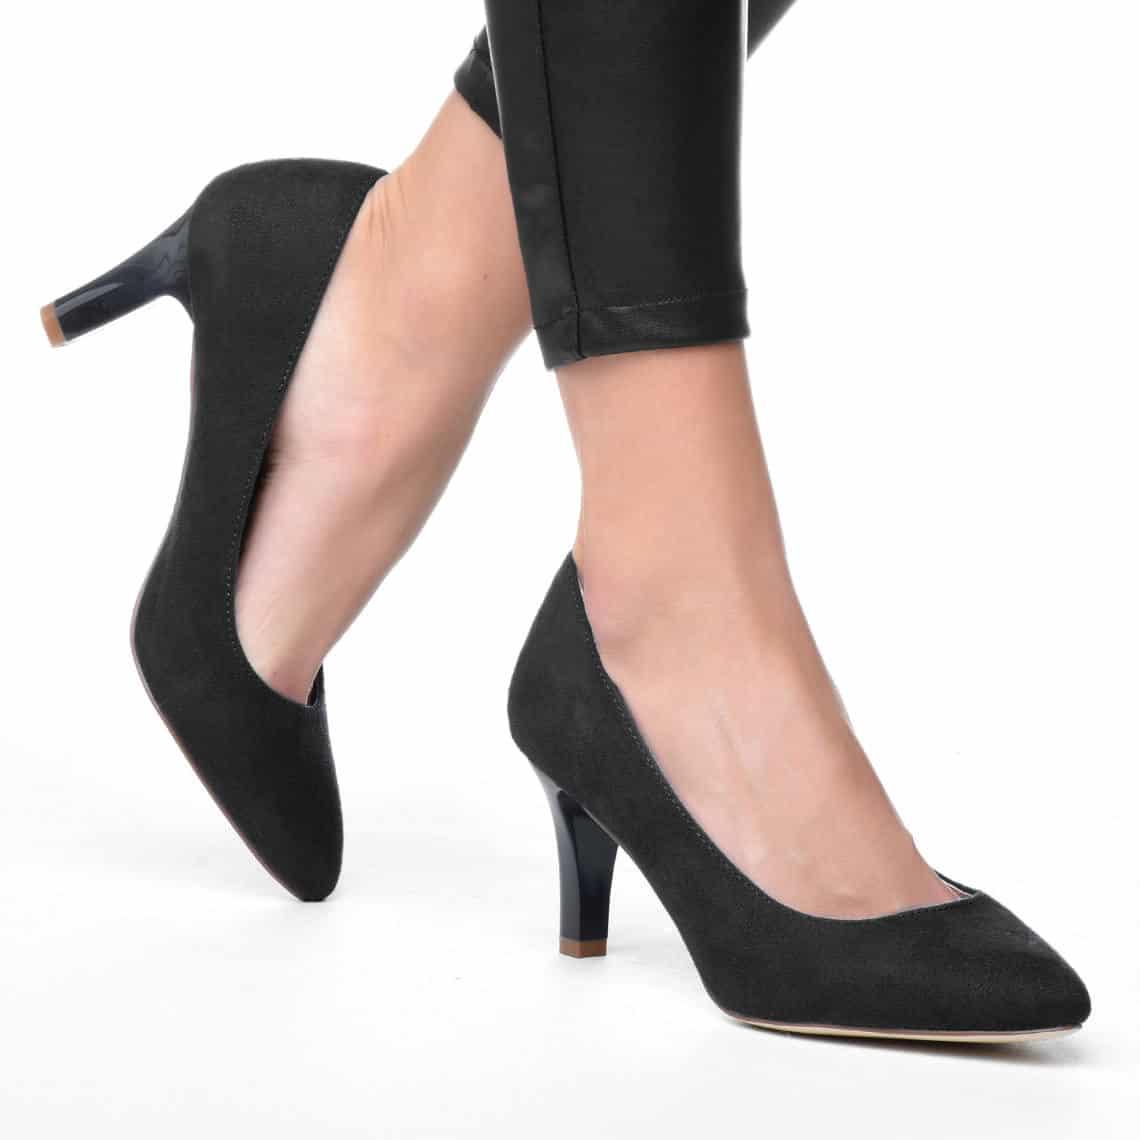 Alkalmi cipő a táncos lábúaknak